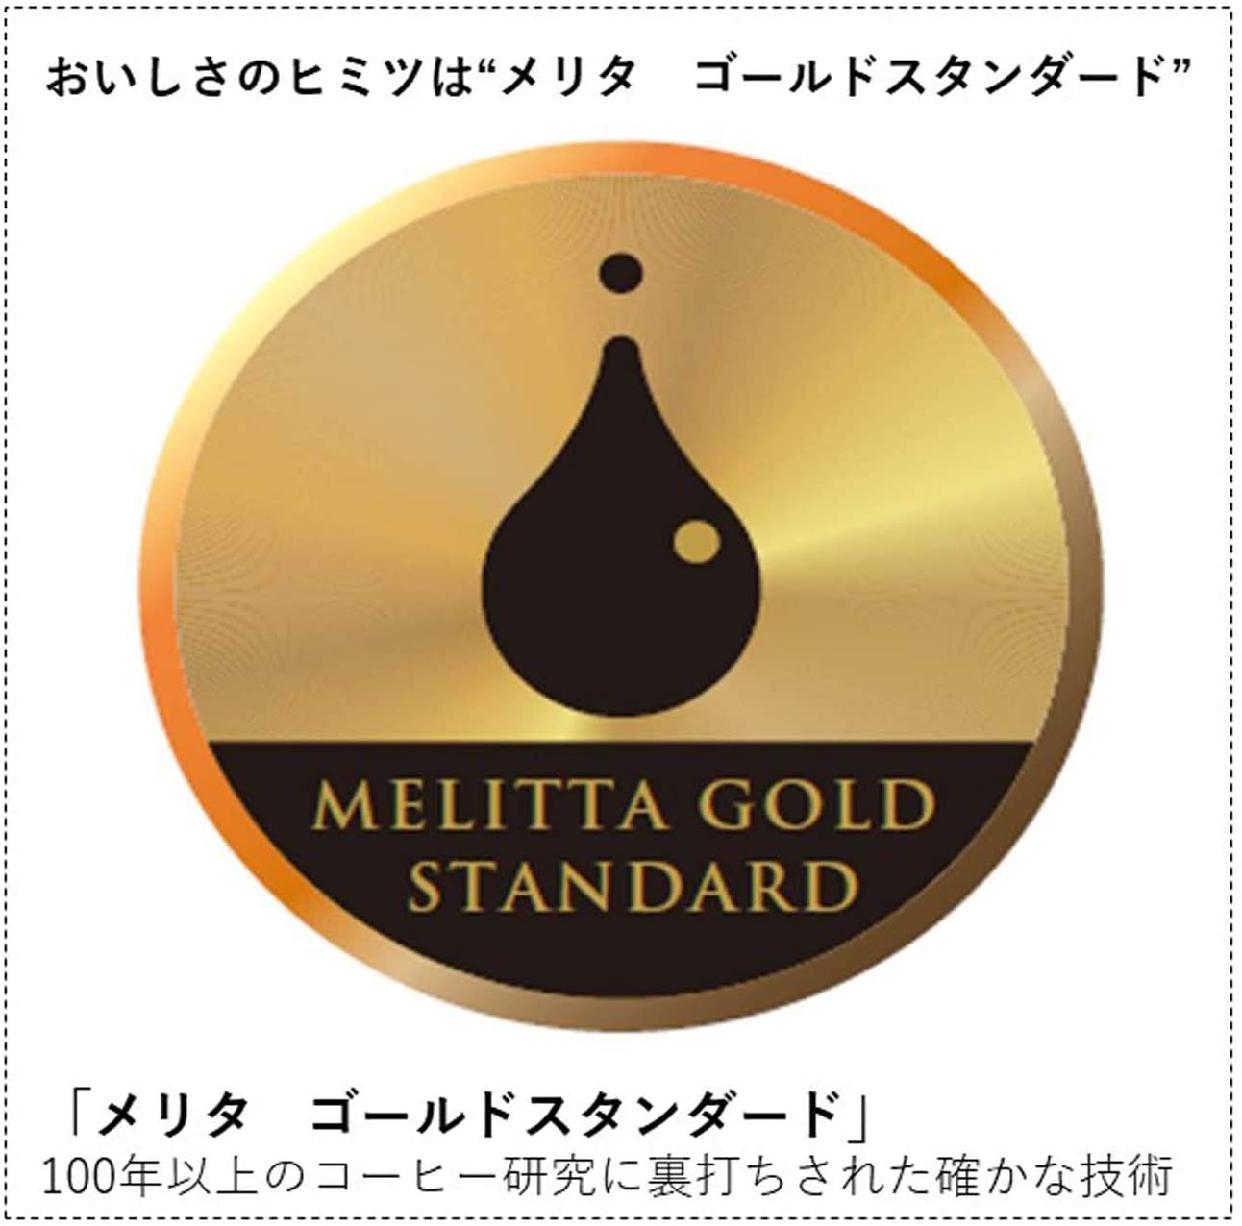 Melitta(メリタ)オルフィ SKT52の商品画像6